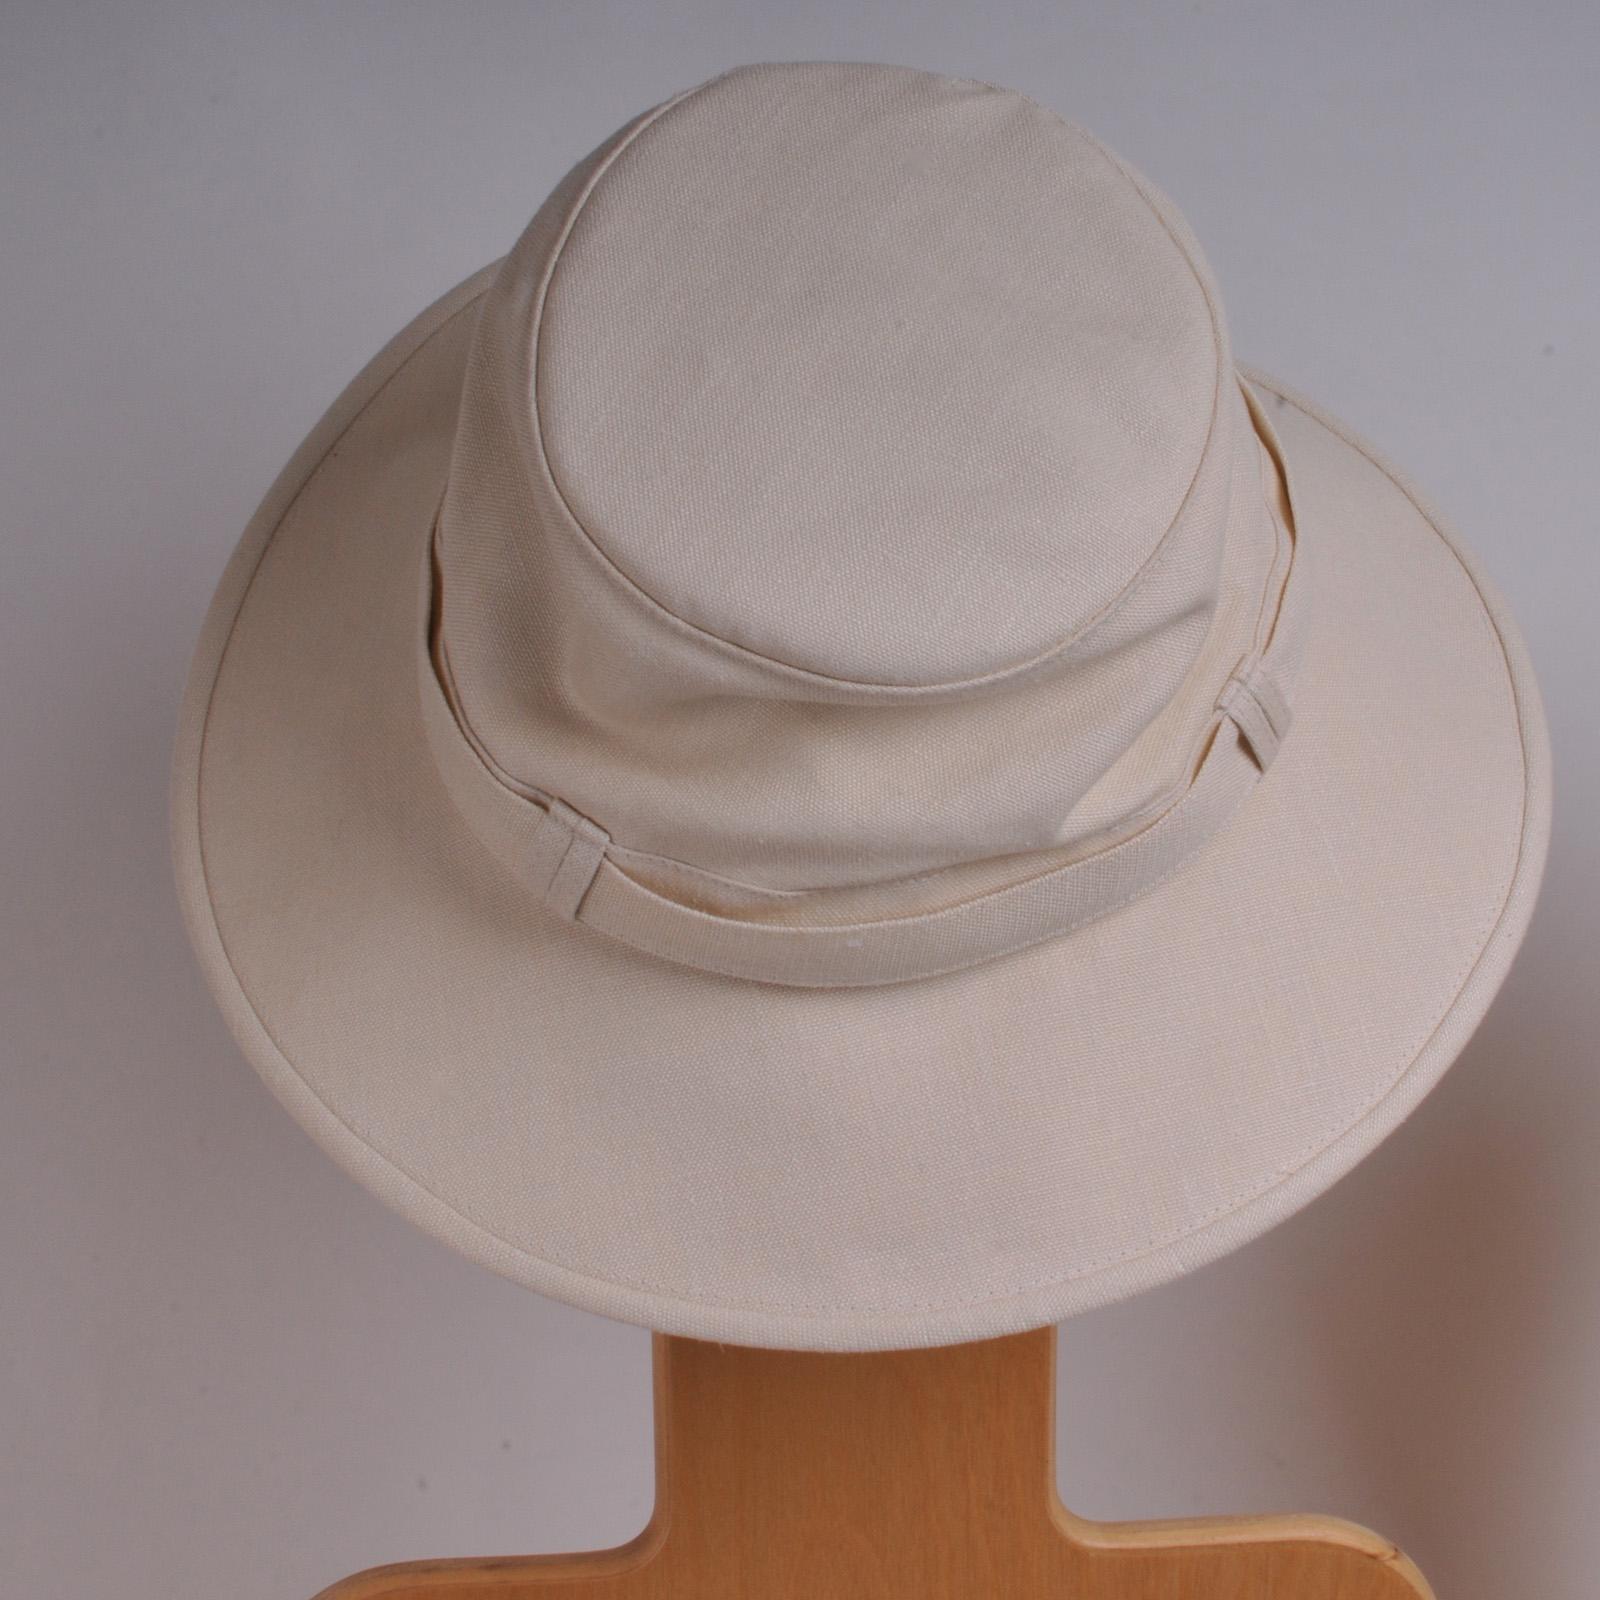 Tilley Endurables TH9 WomenS Hemp Hat 4ae2eb8a447